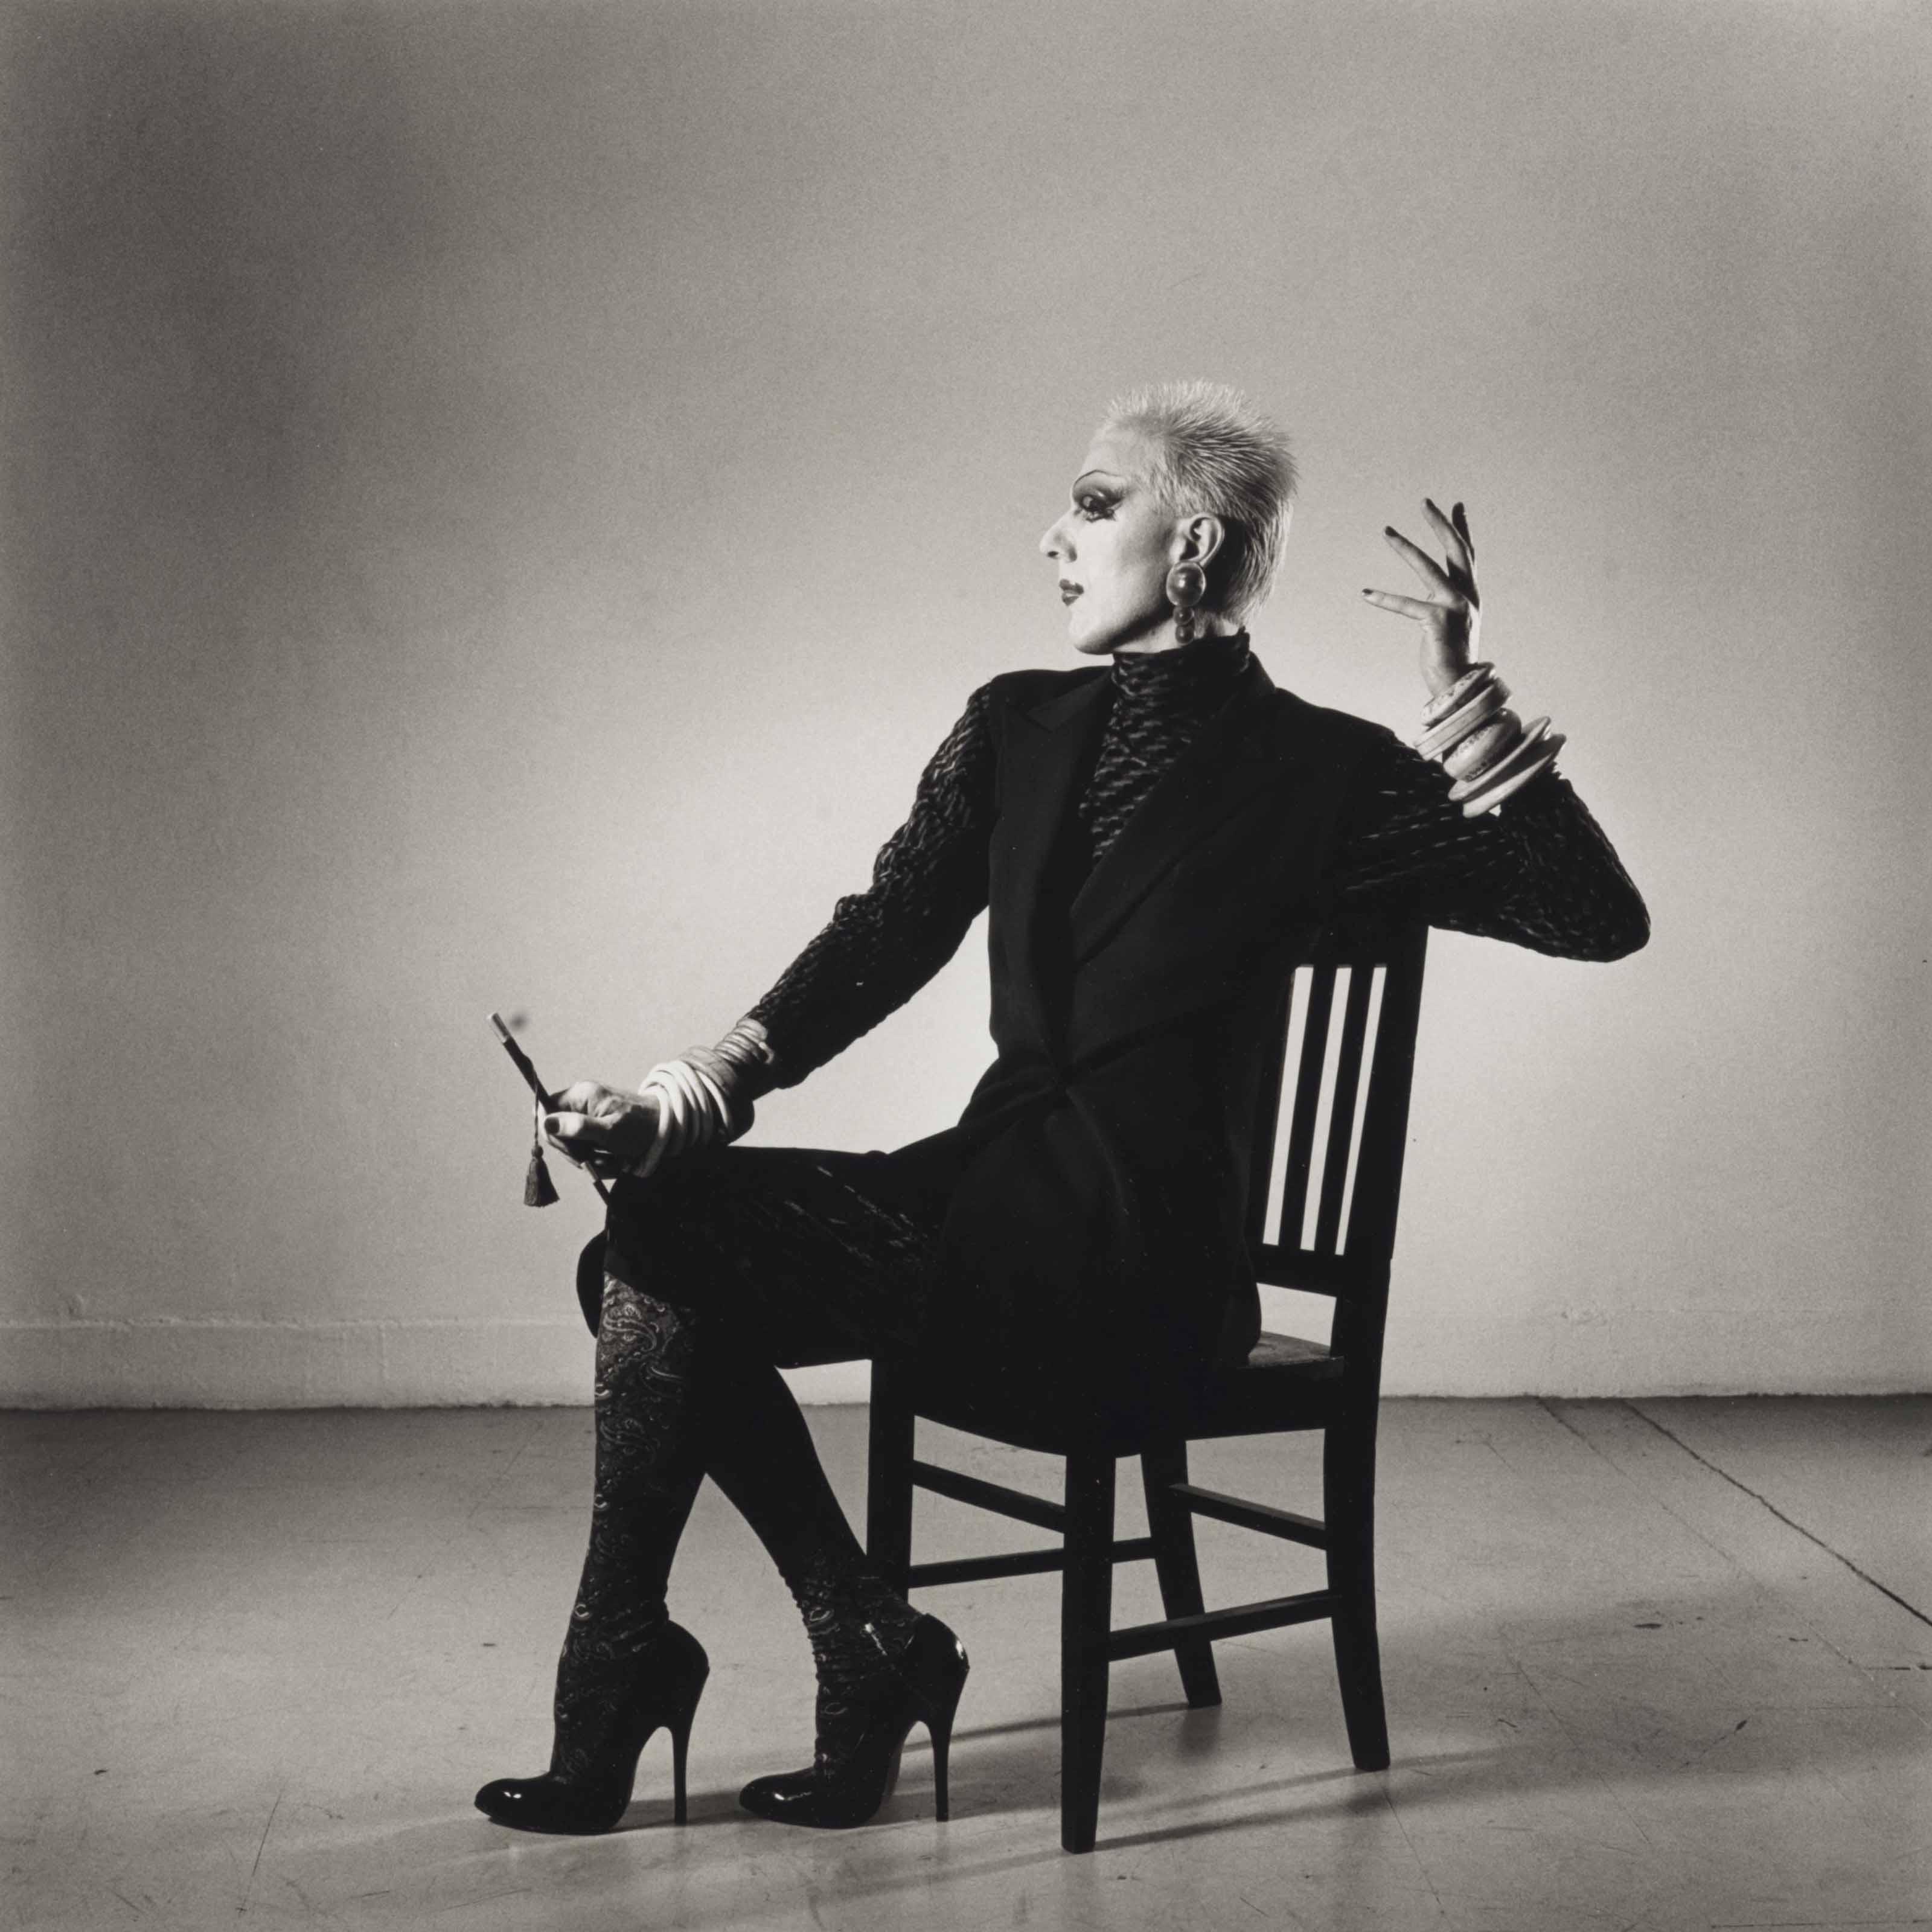 Ethyl Eichelberger in a Fashion Pose, 1981